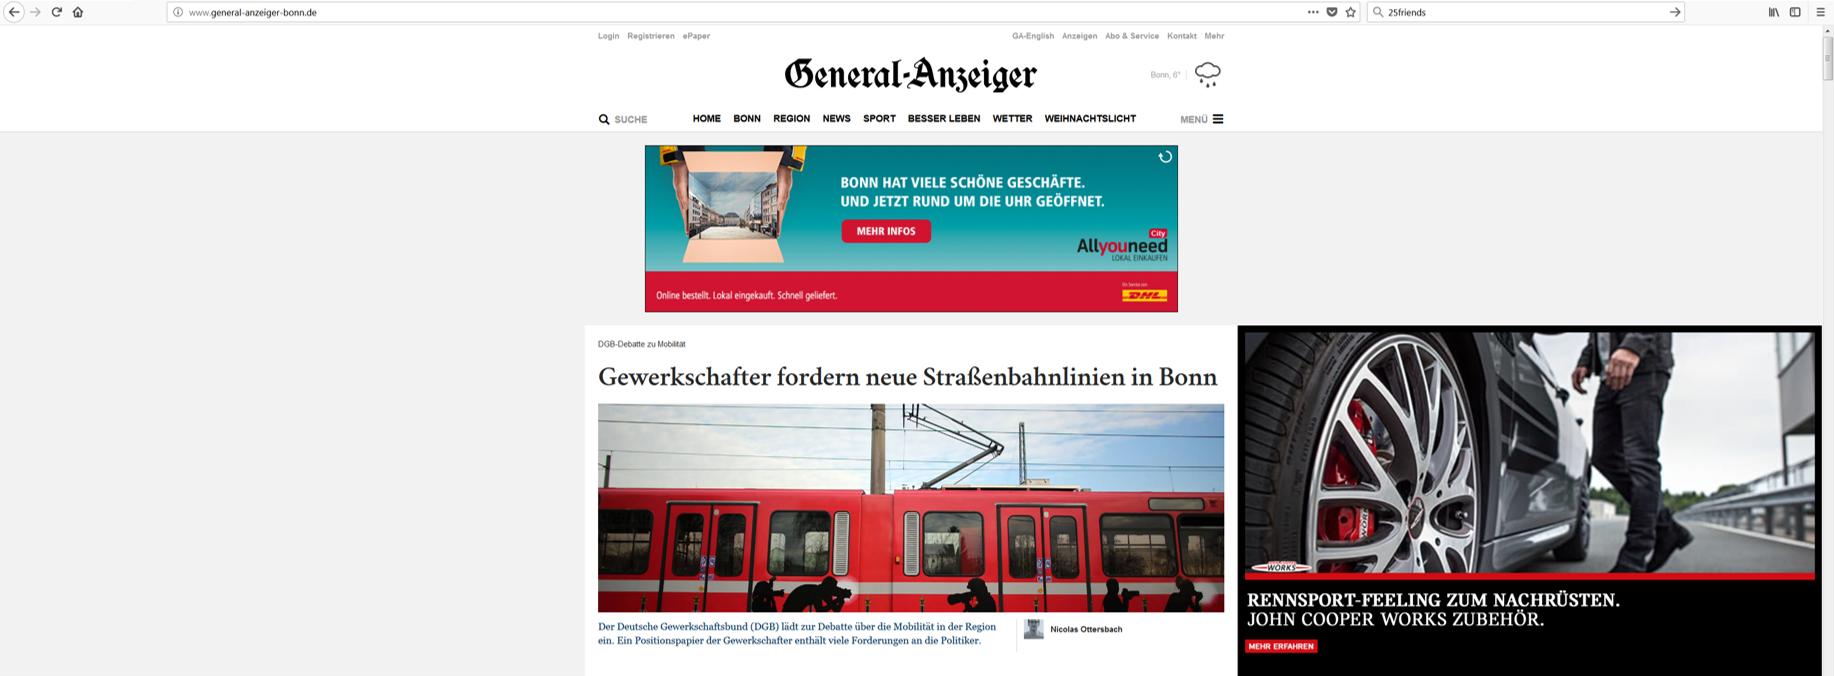 Abbildung 1: General-Anzeiger Bonn mit Werbeanzeige